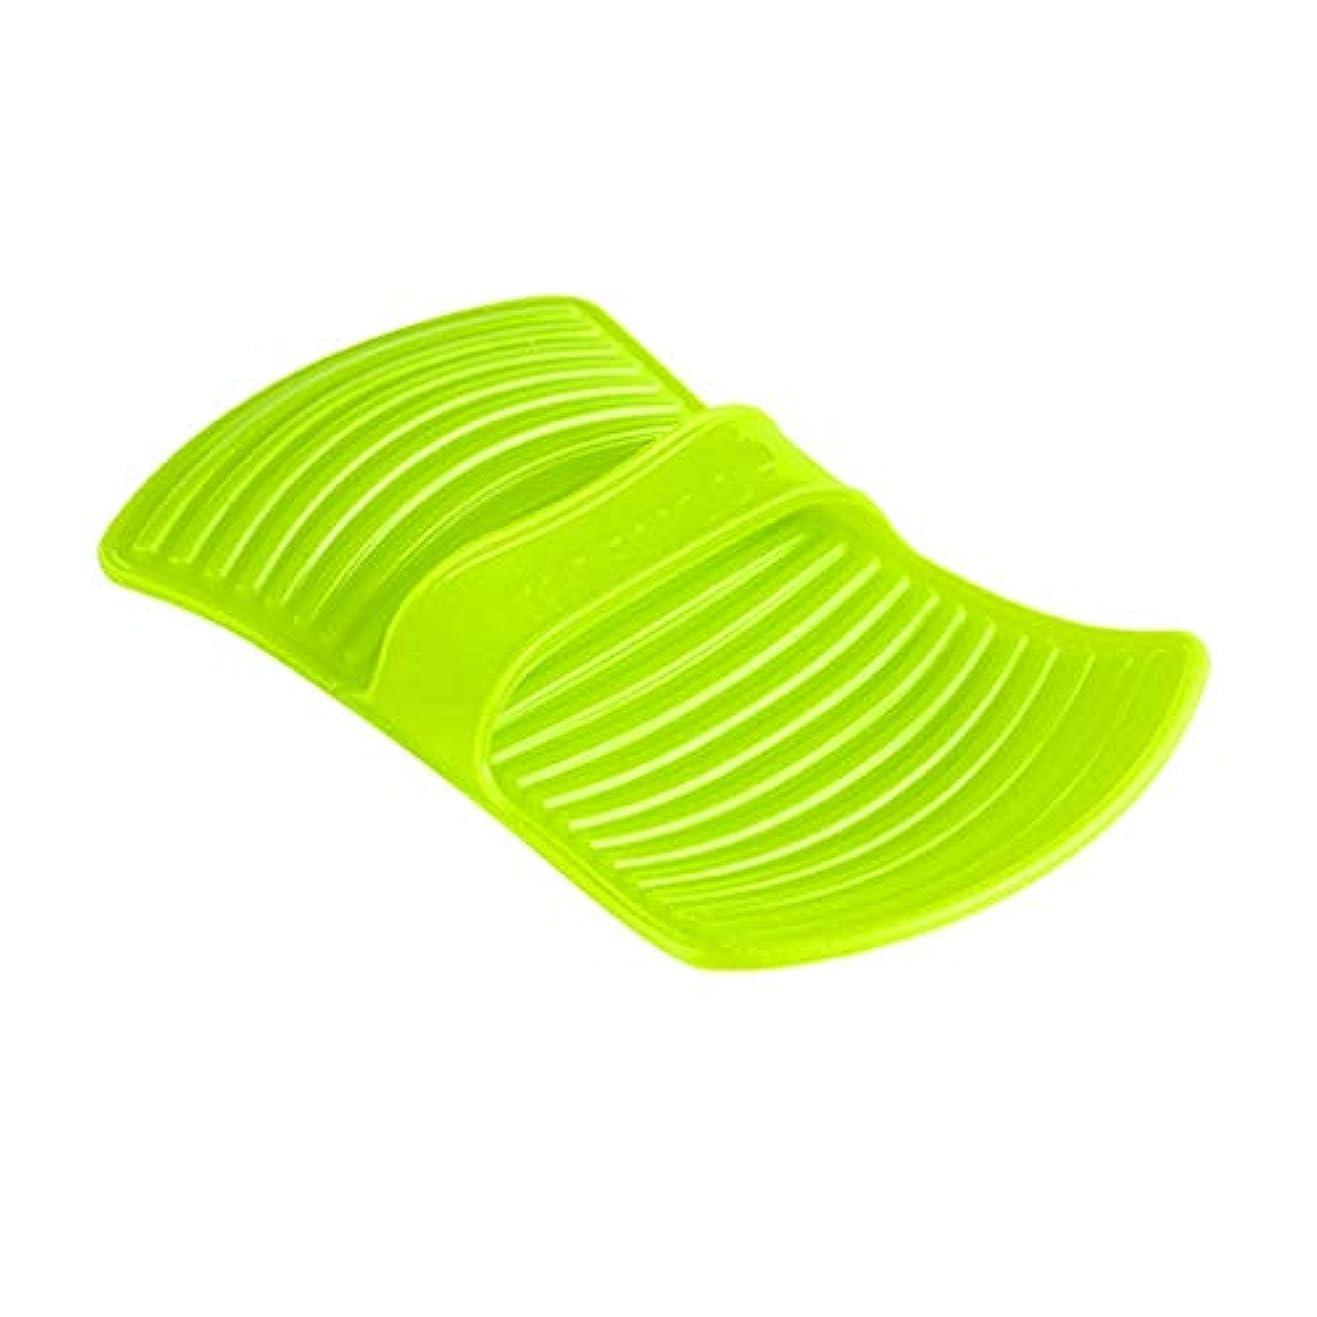 廊下報奨金食物LIUXIN シリコーン断熱材不凍液手袋高温焼け防止手袋家庭用ベーキング手袋滑り止め11.7 * 20.5センチグリーン×1 ゴム手袋